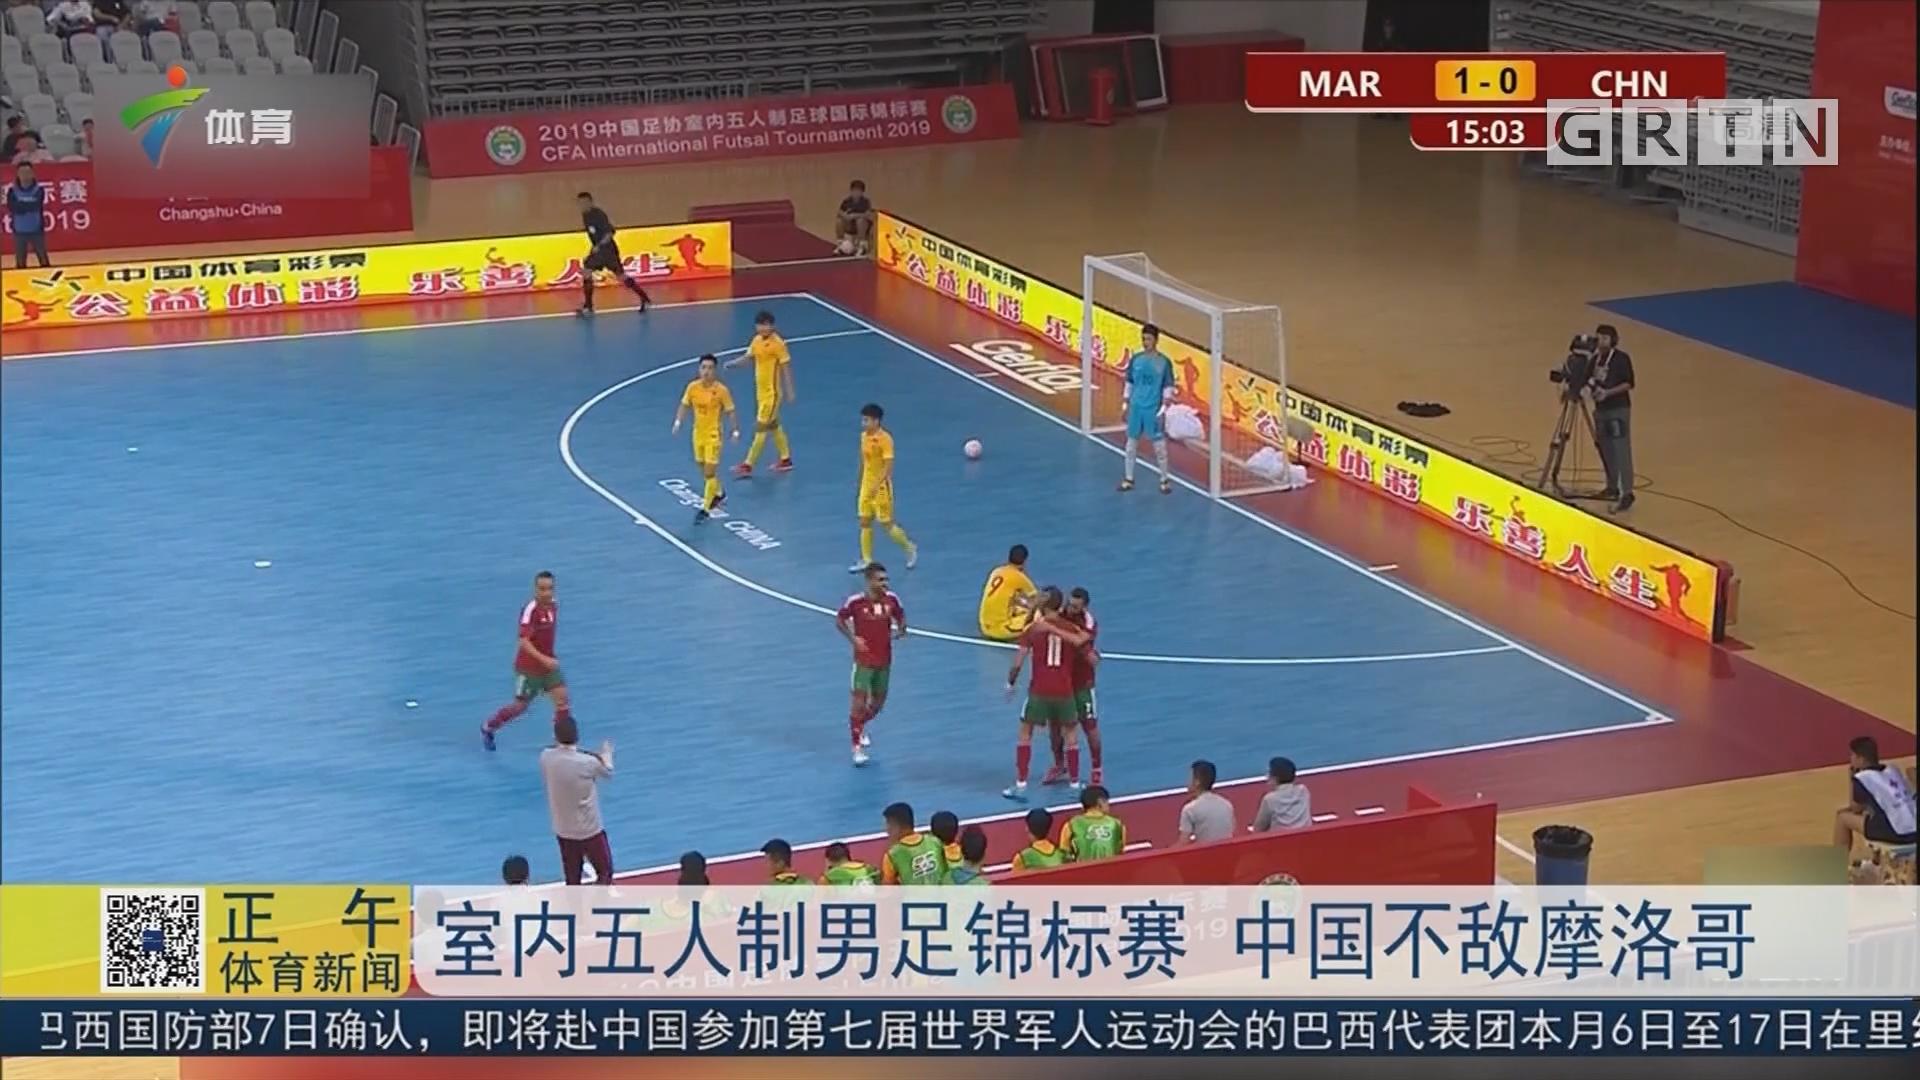 室內五人制男足錦標賽 中國不敵摩洛哥